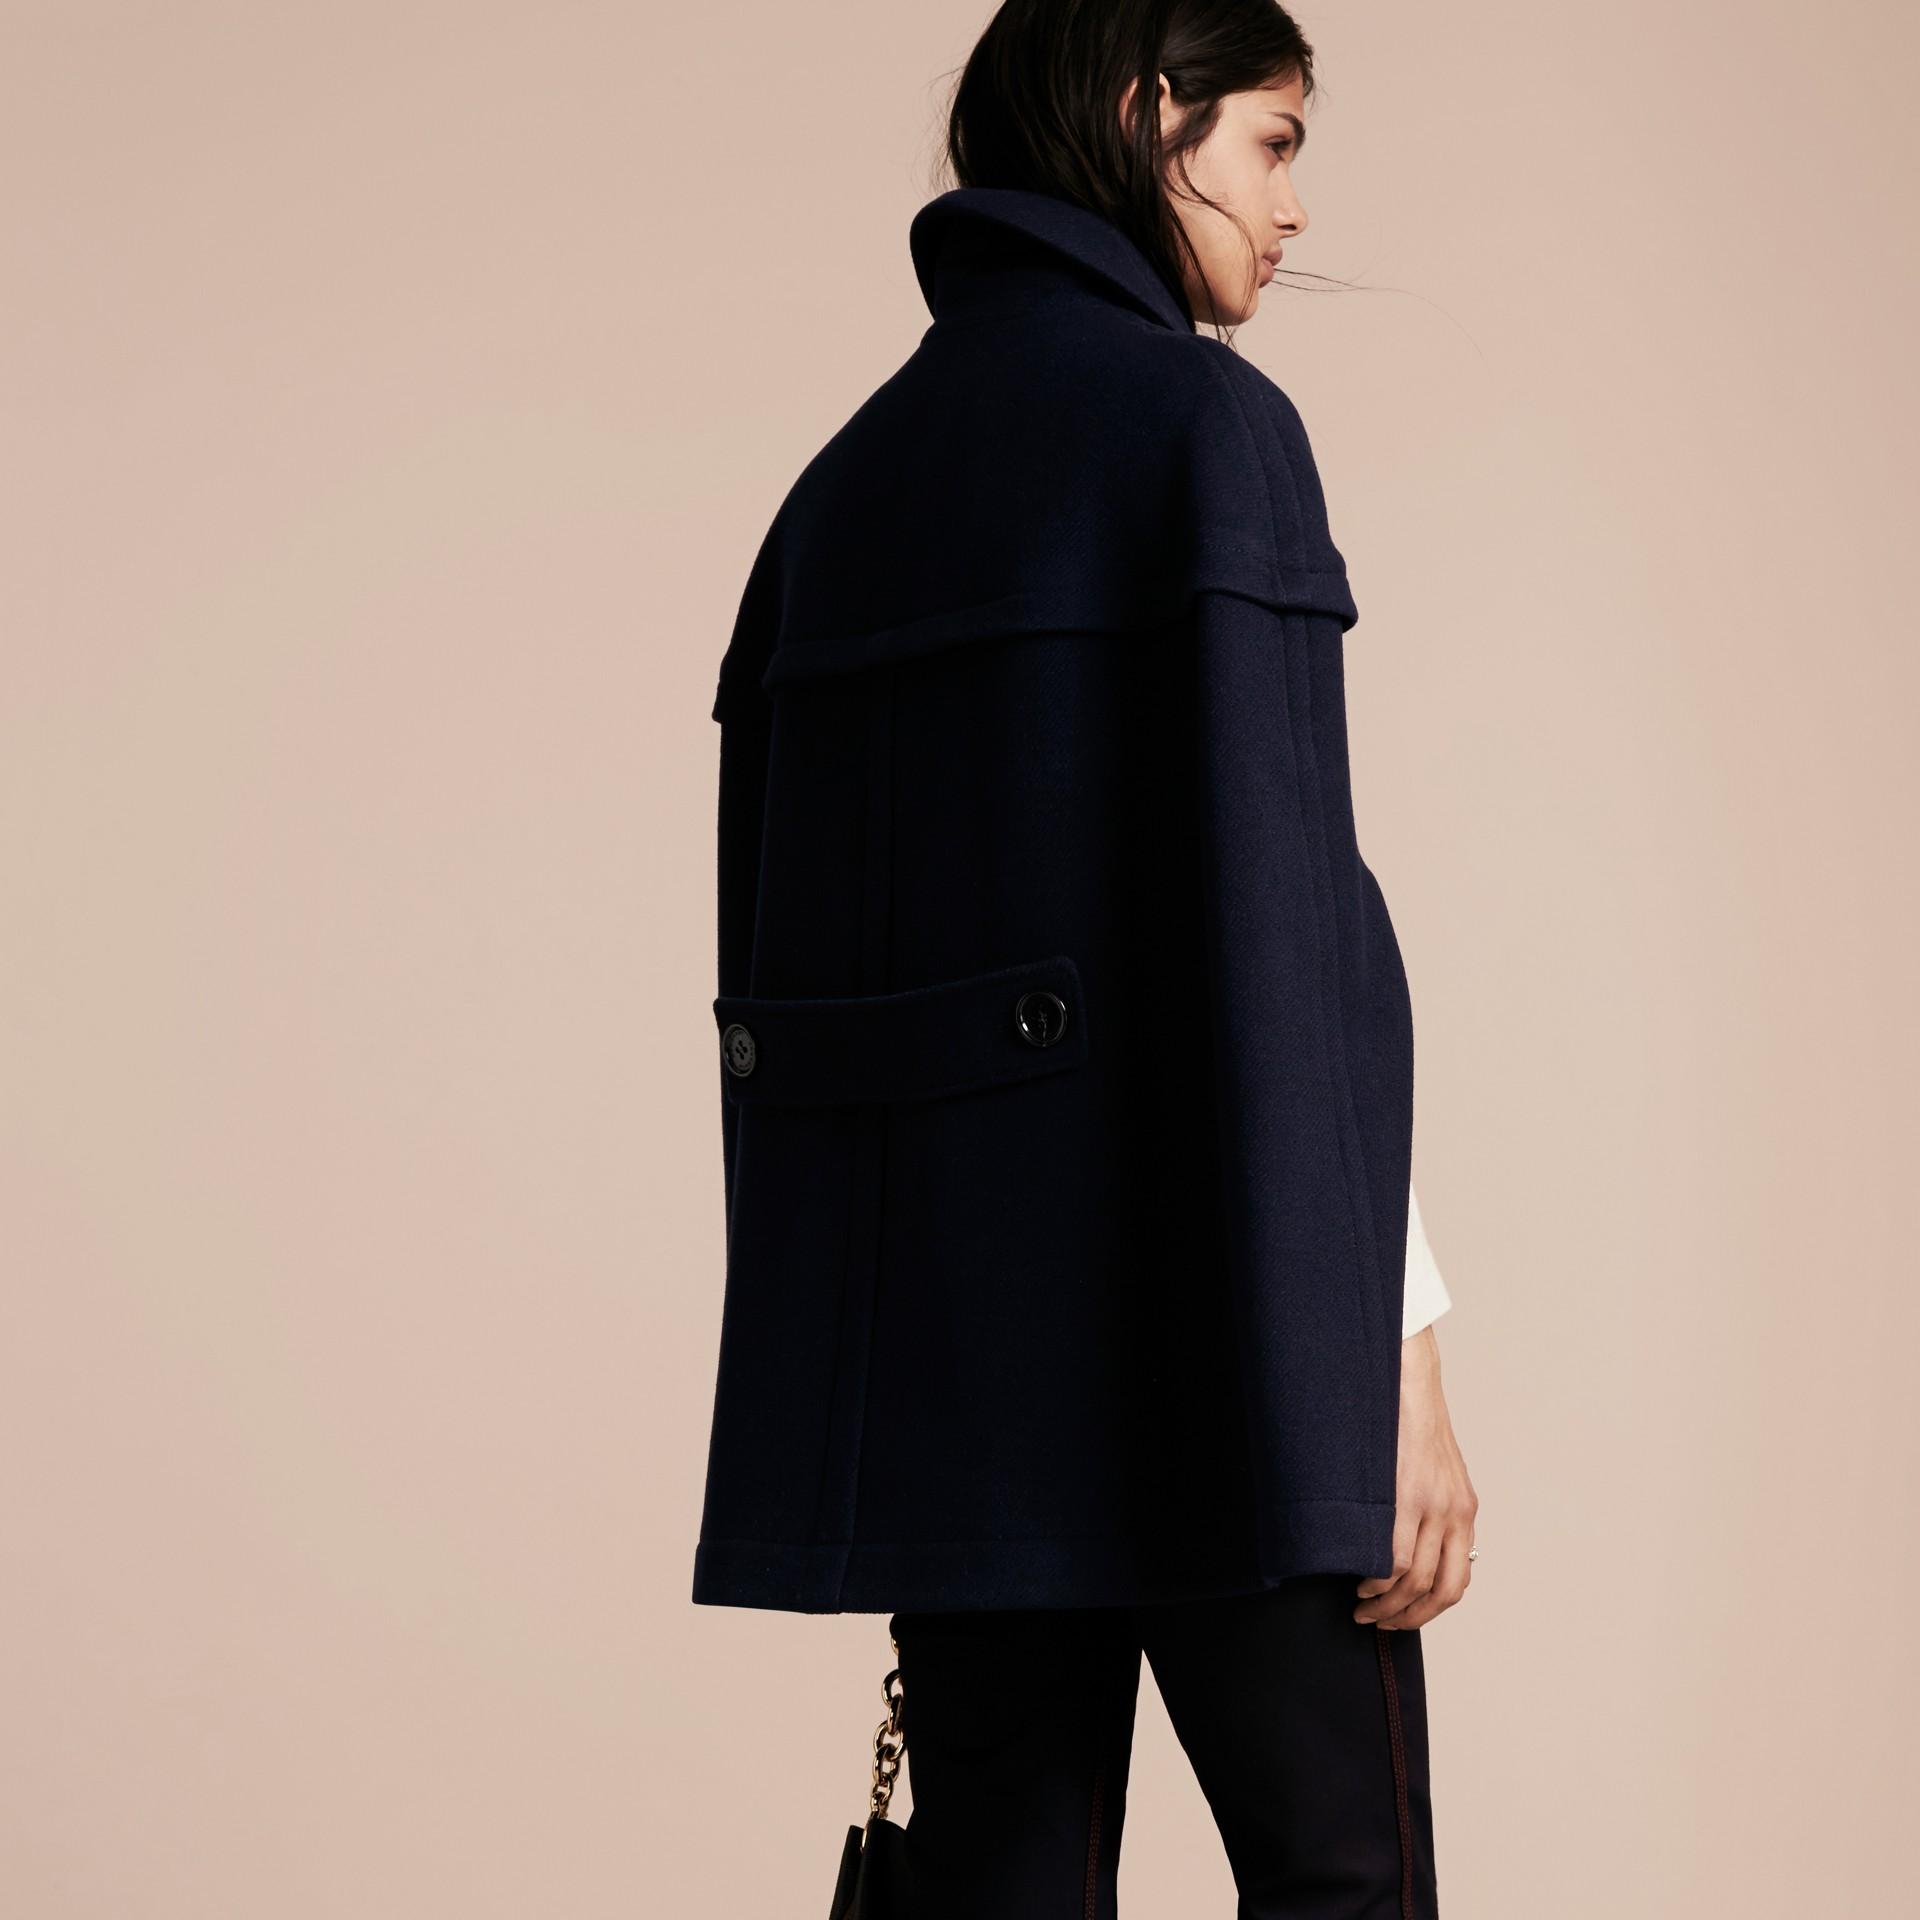 Navy Cappotto a mantella in lana e cashmere Navy - immagine della galleria 3